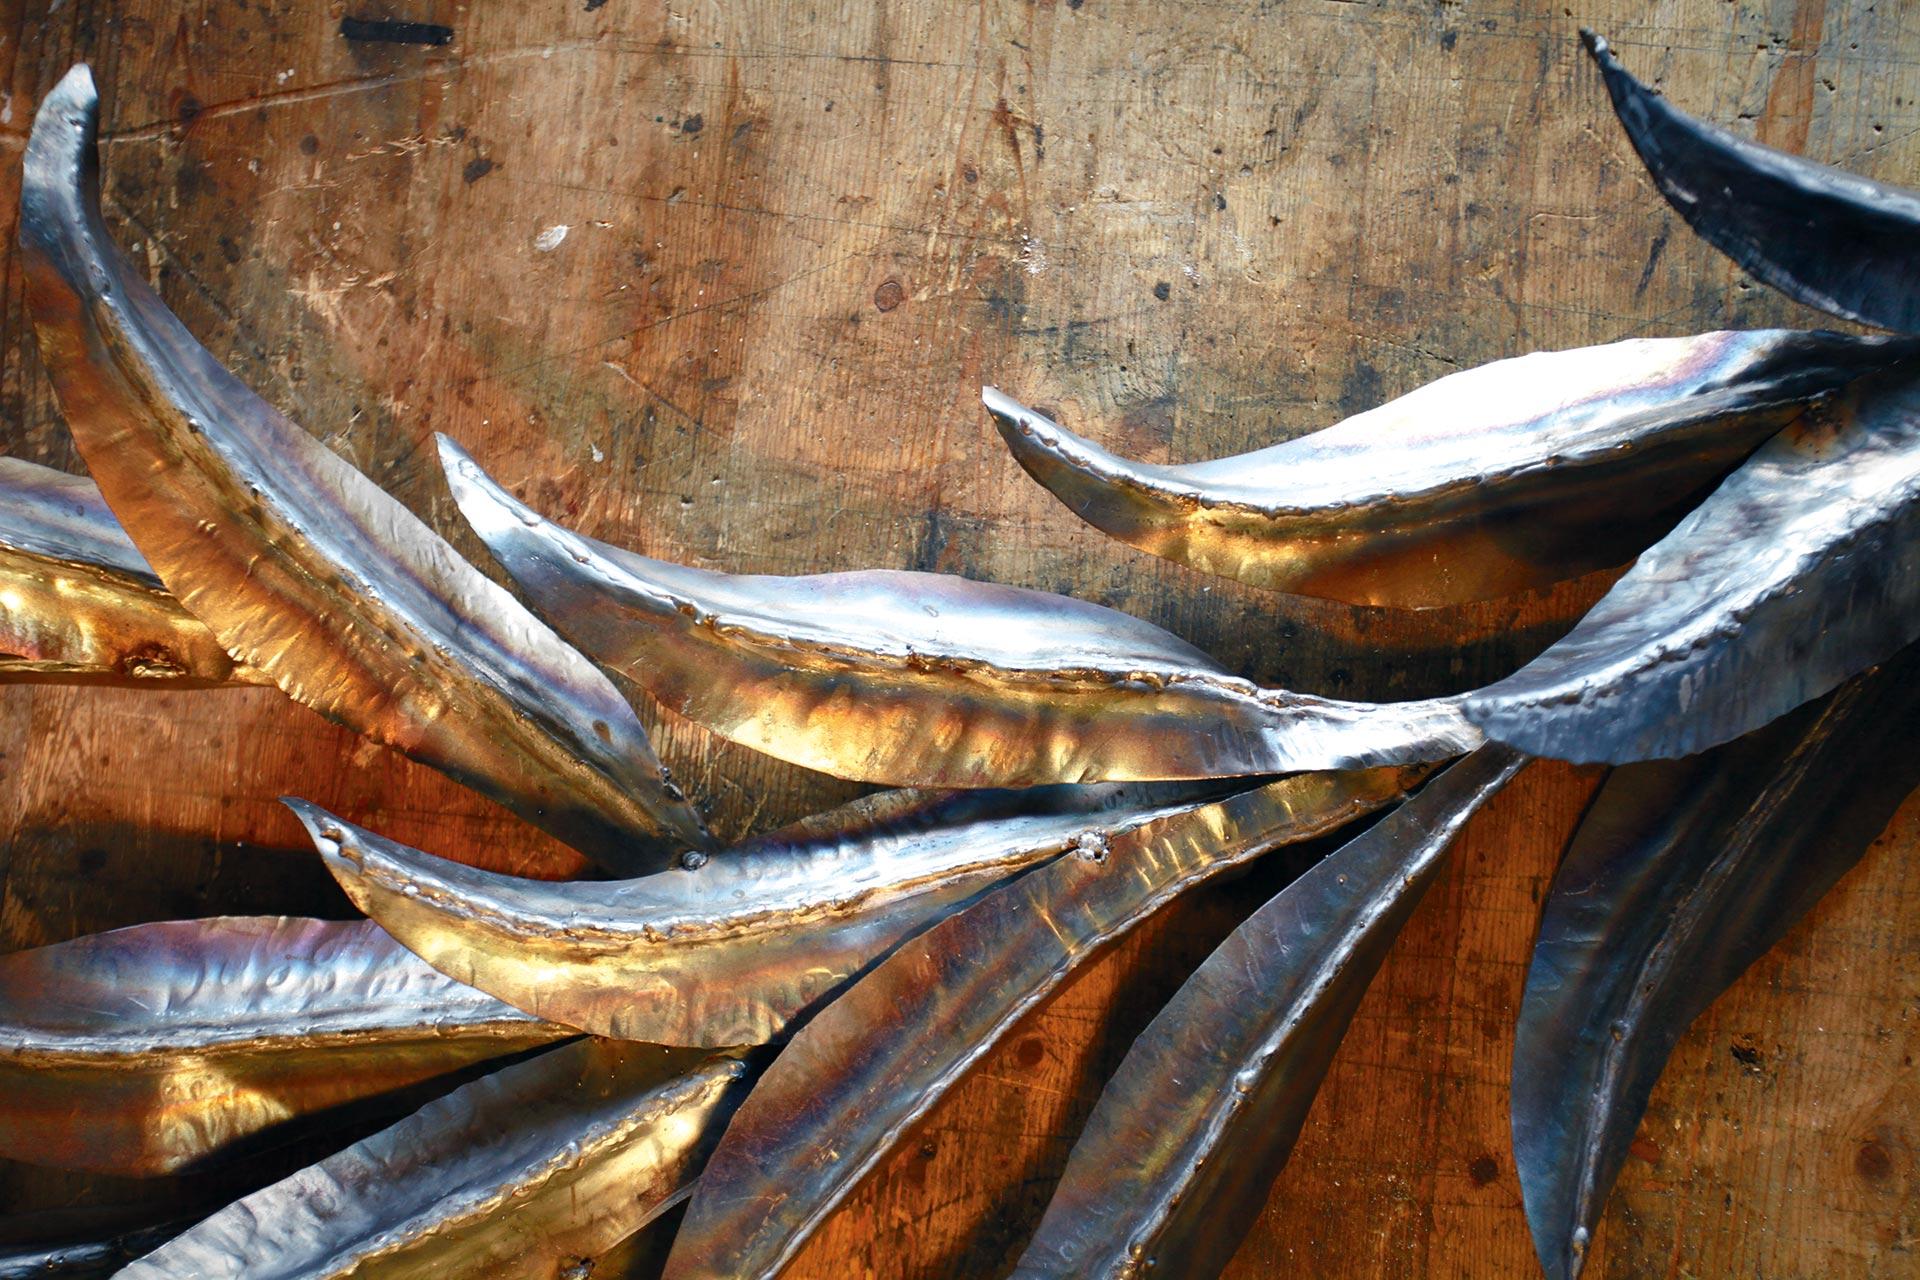 Arredamenti In Ferro Battuto Firenze : Officina ciani firenze arredo in ferro battuto